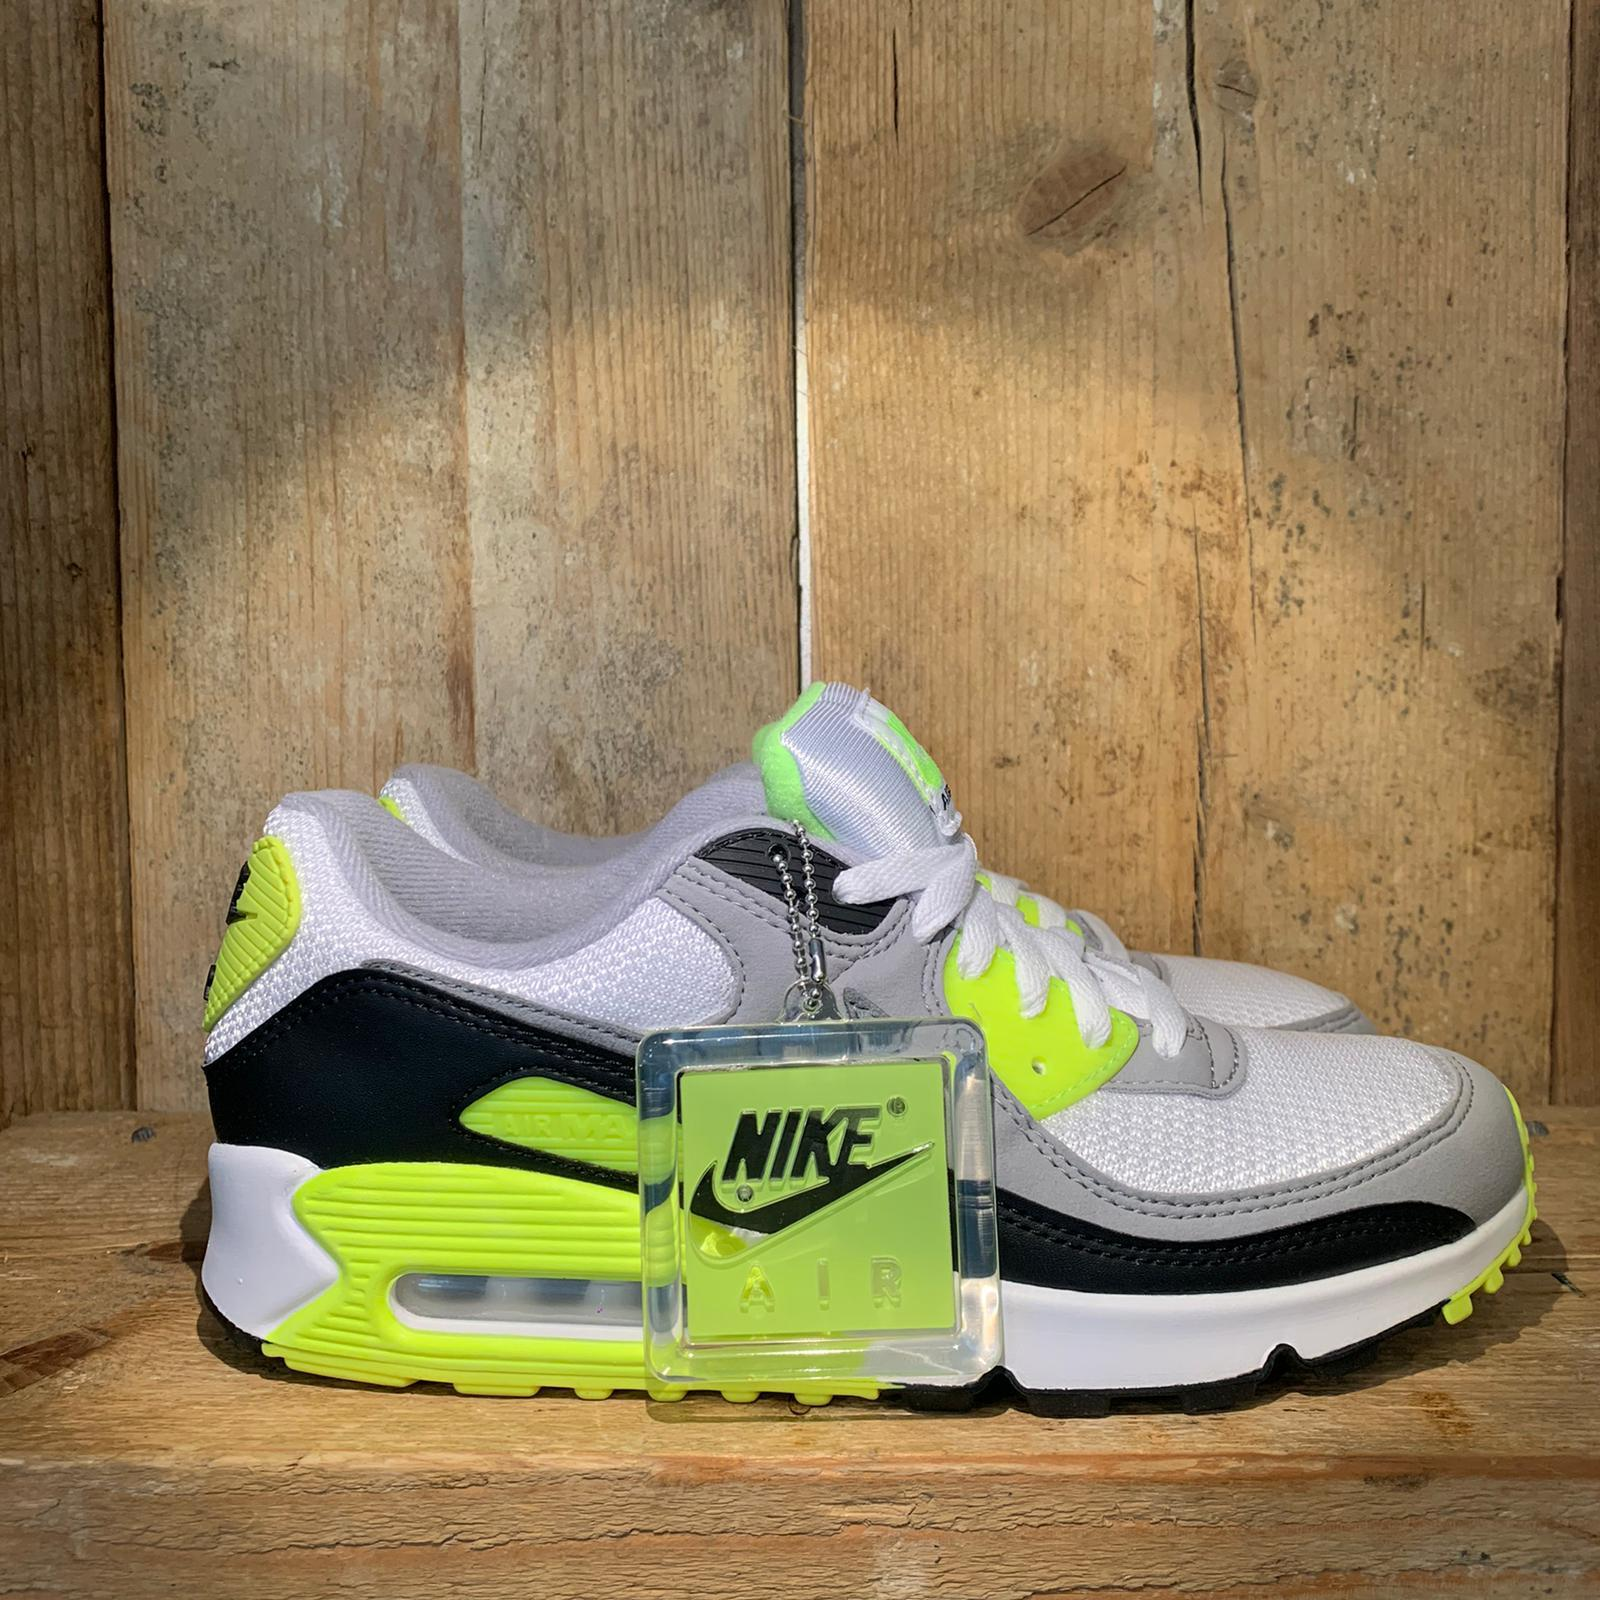 Scarpa Nike Air Max 90 Bianca Grigia e Giallo Fluo | TOUCHDOWN